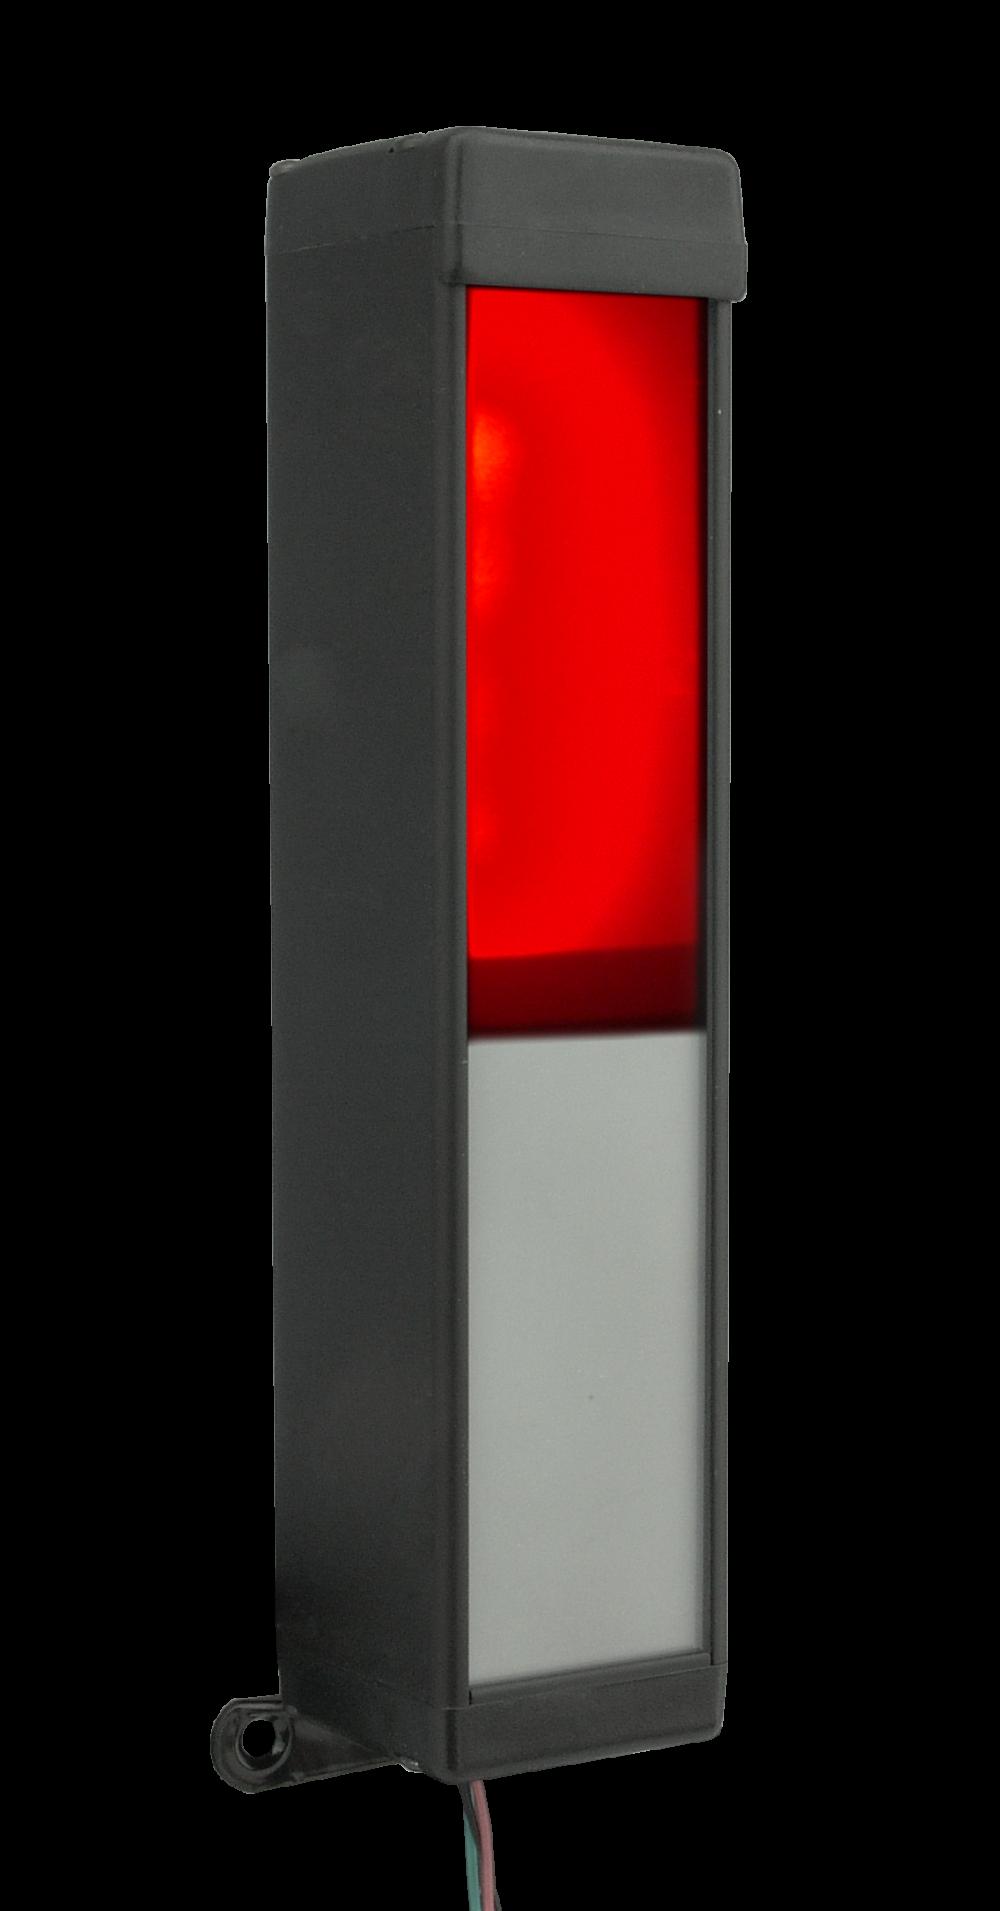 Detalhes do produto D252 - SEMÁFORO LED PARA PORTA DE GARAGEM